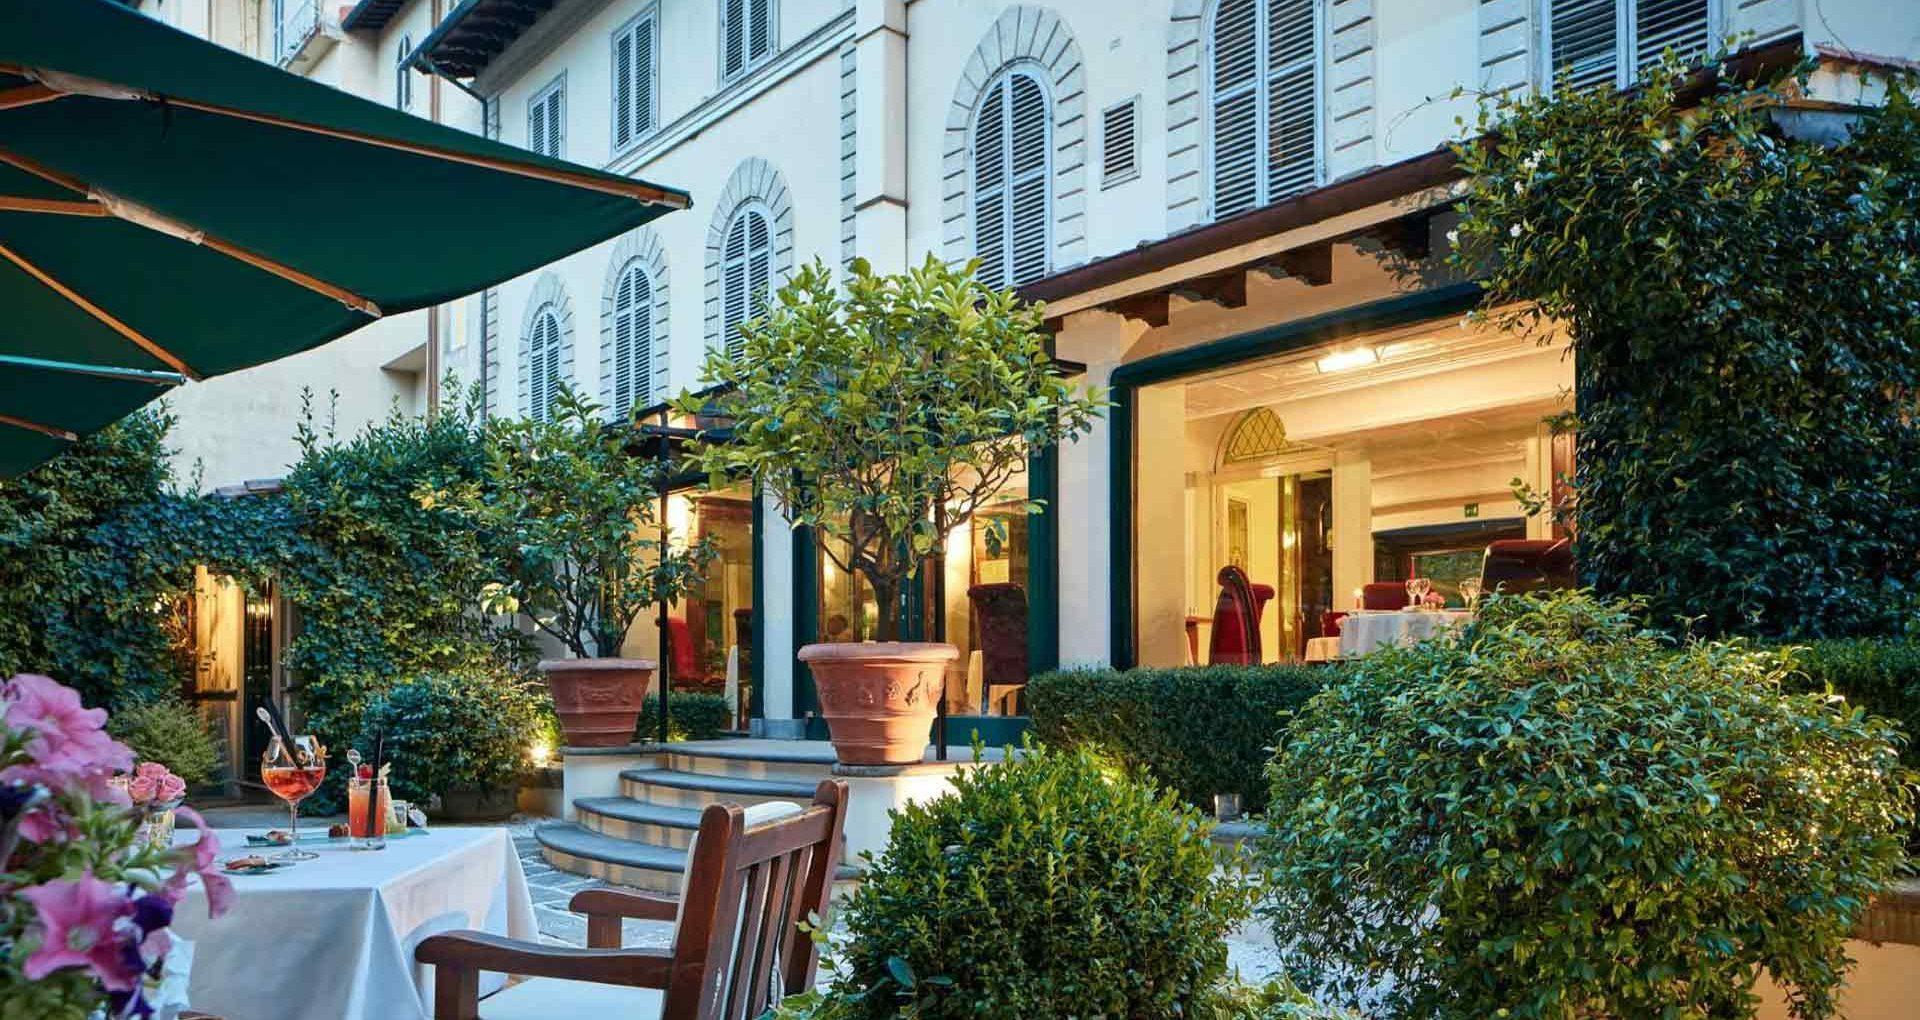 Vista della facciata dell'hotel con finestre e persiane ad arco